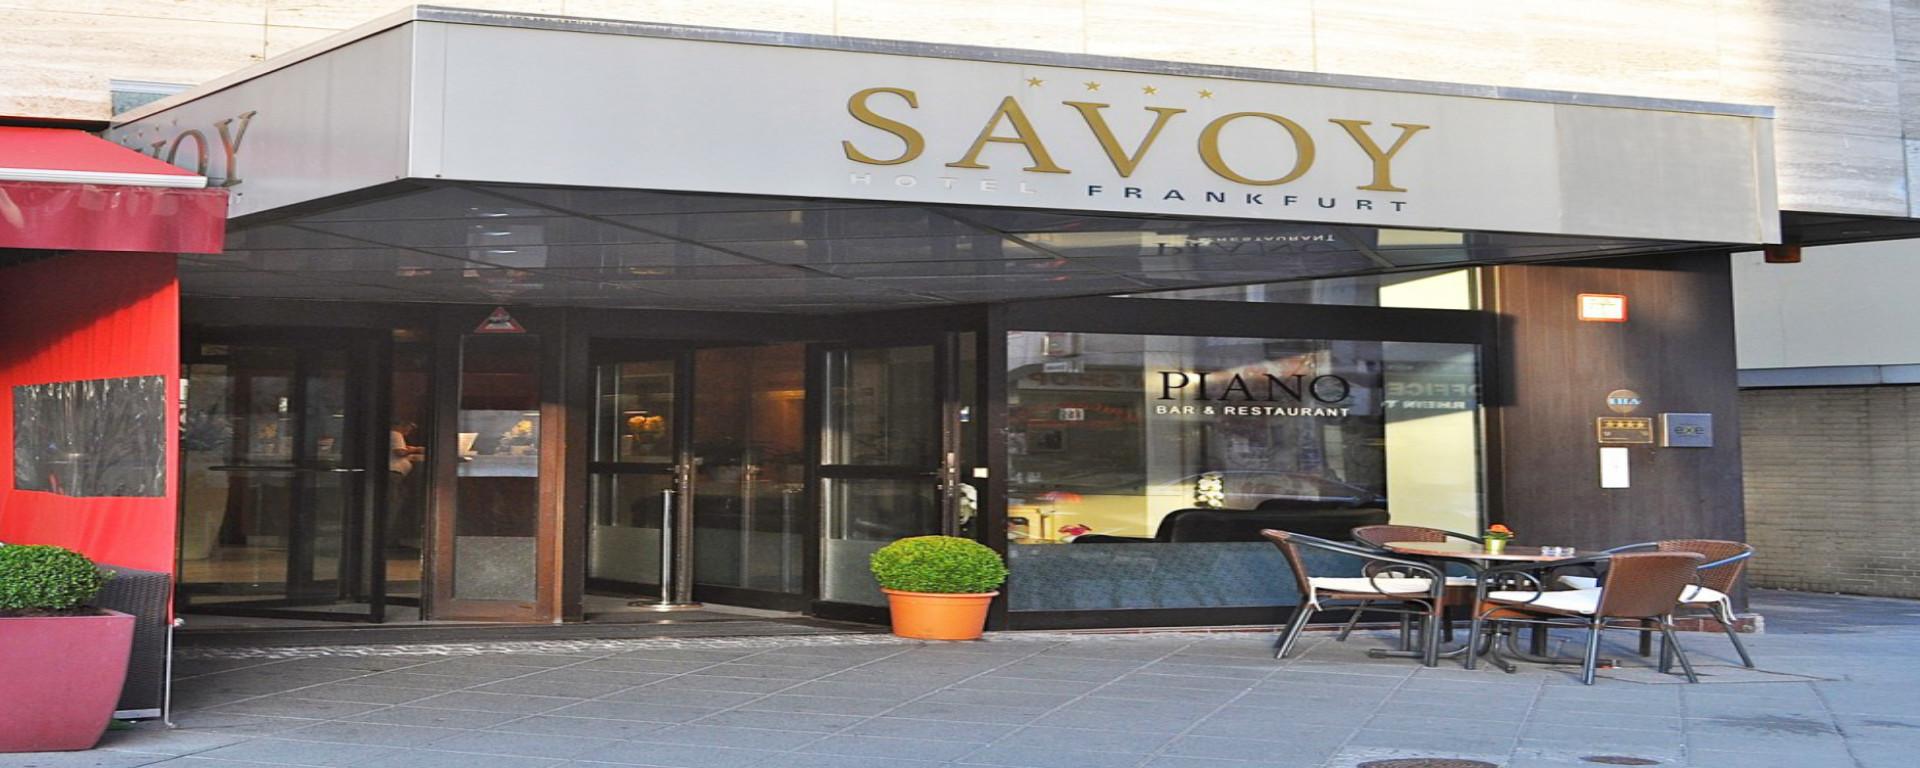 SAVOY Hotel Frankfurt: Unterkunft, Übernachtung, Zimmer, B&B: Hotel buchen zum besten Preis. Hot-Deals an Wochenenden